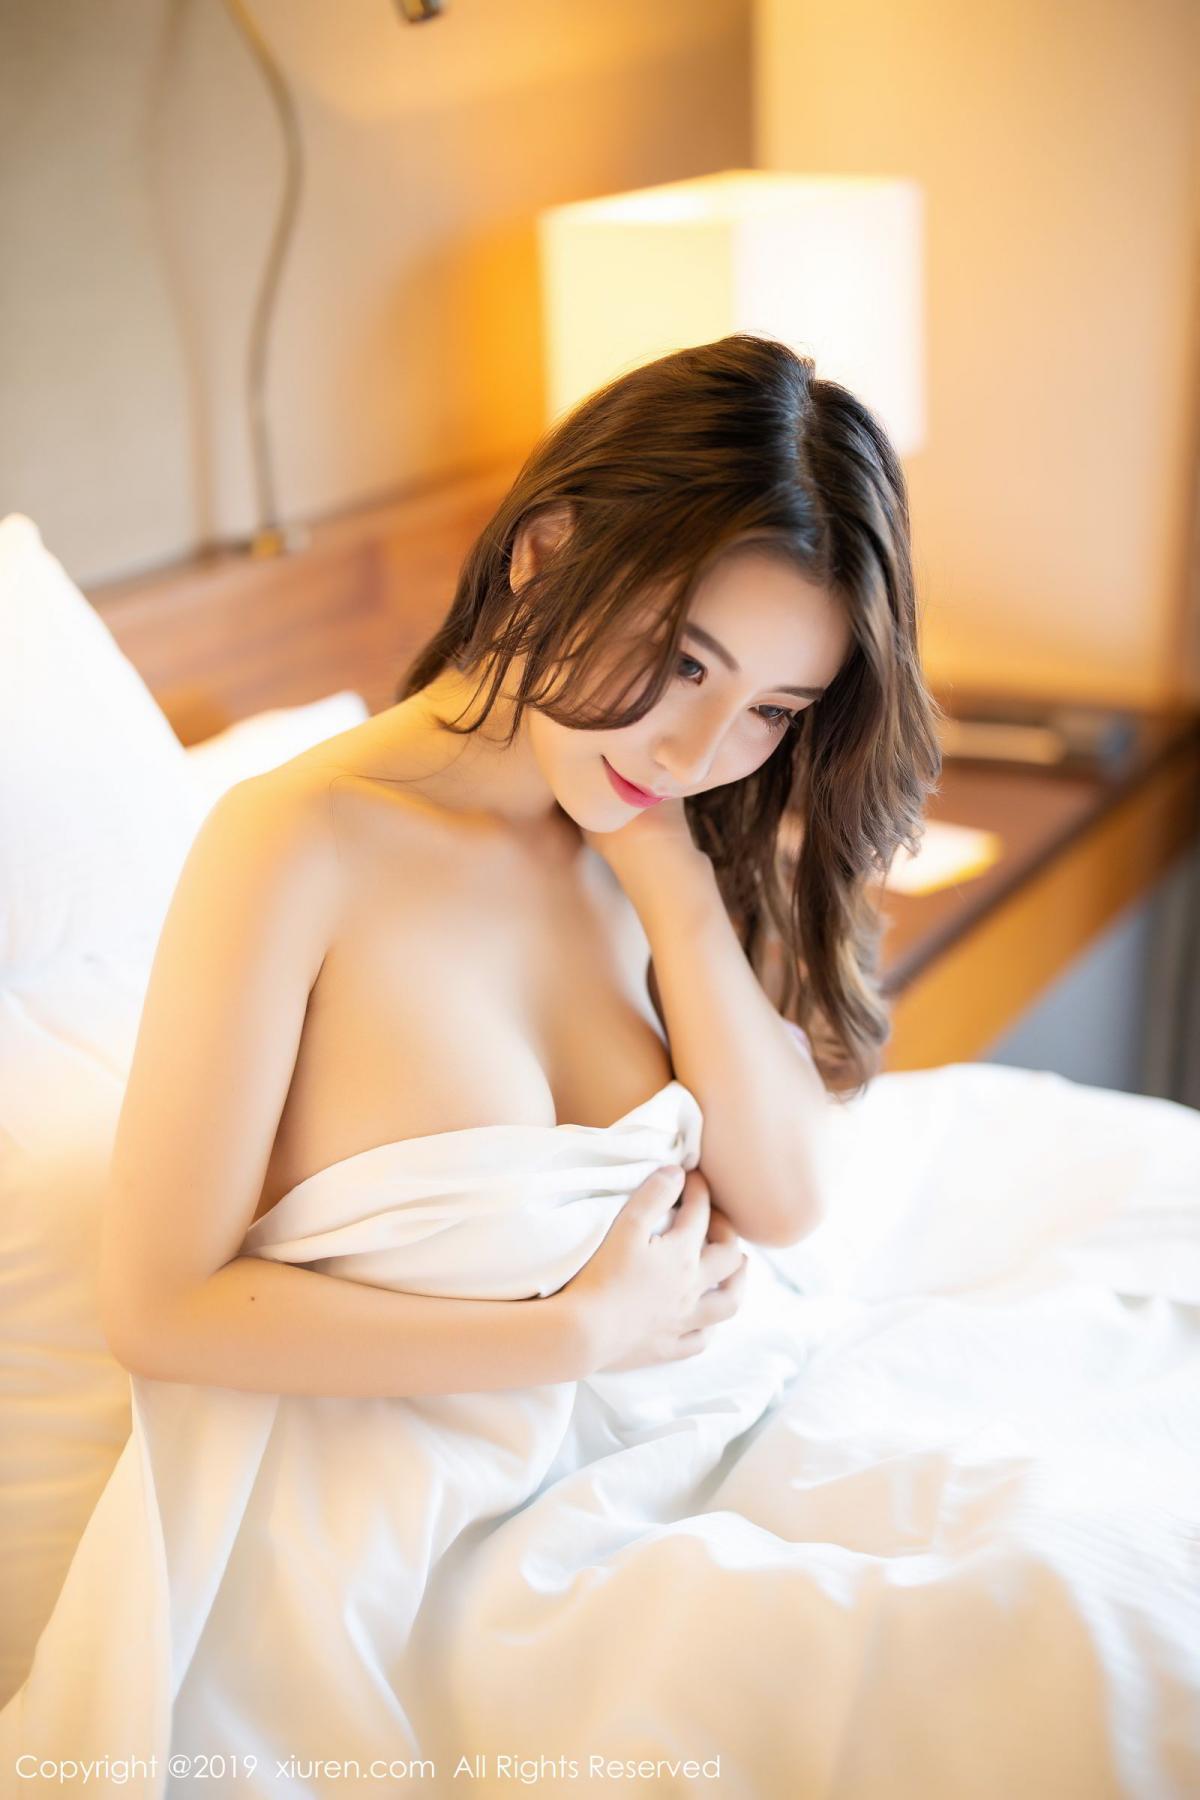 [XiaoYu] Vol.1697 Xie Zhi Xin 85P, Home, Sexy, XiaoYu, Xie Zhi Xin